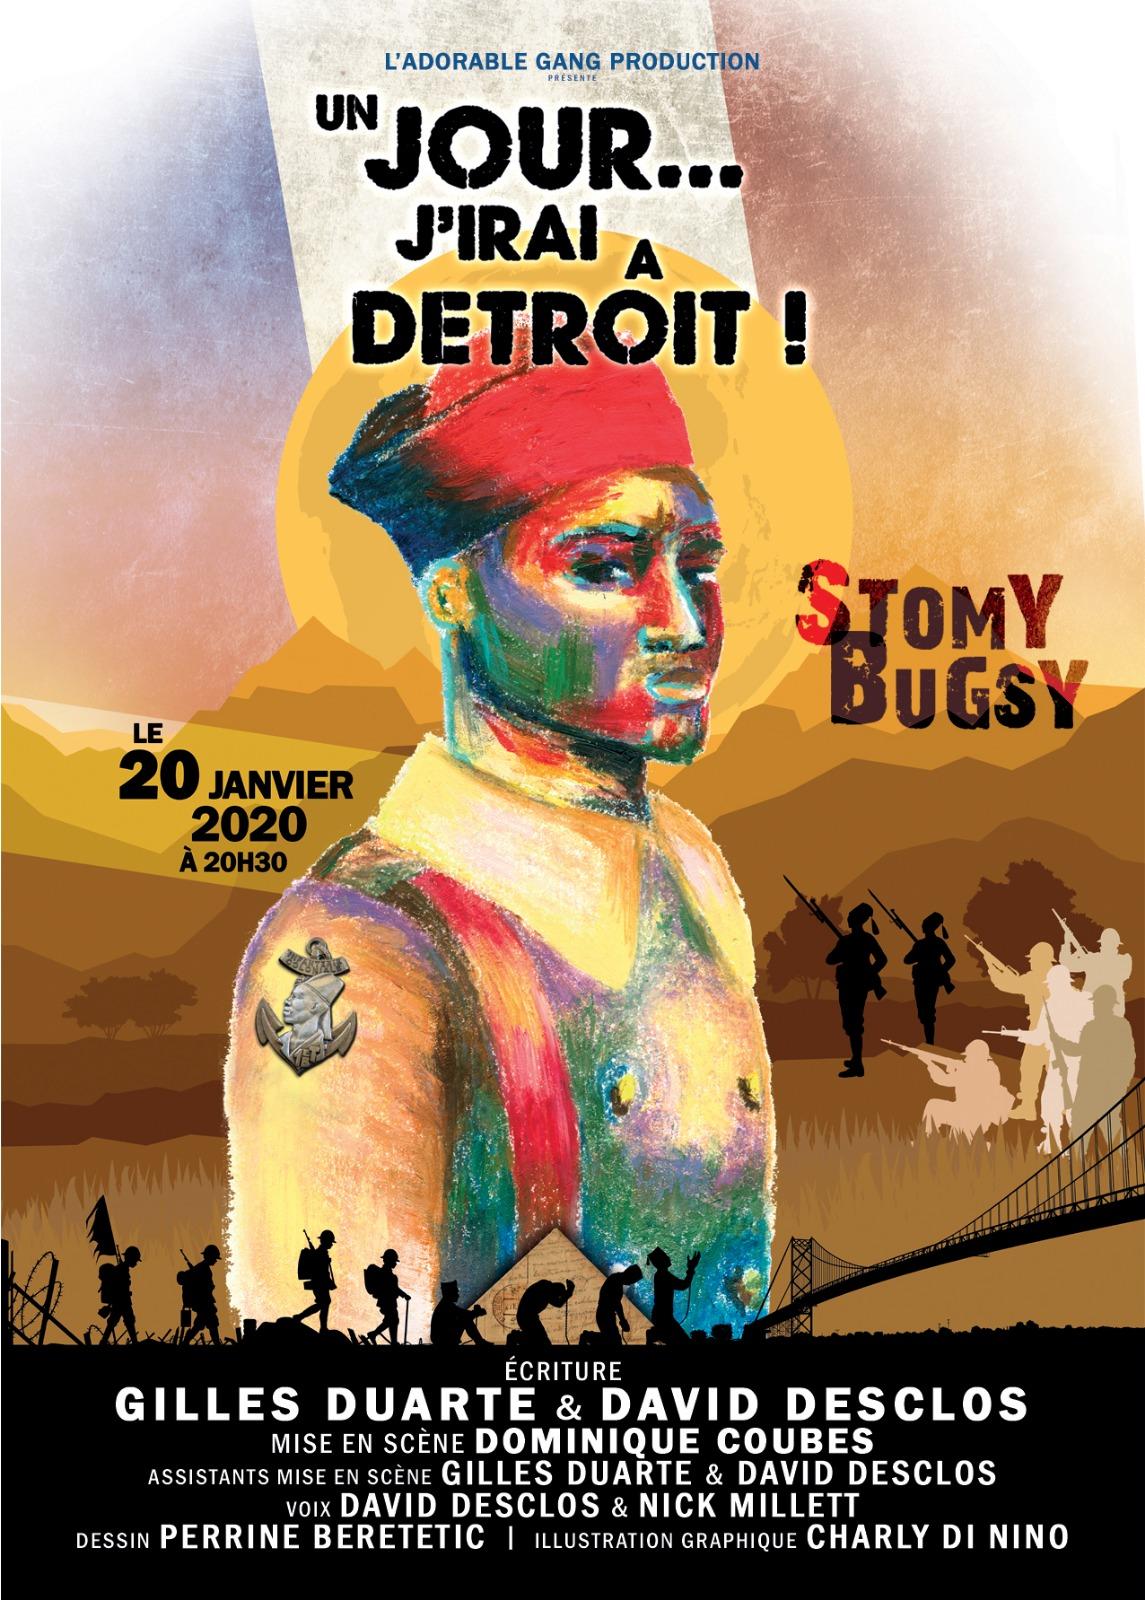 [TERMINE] JEU CONCOURS Stomy Bugsy au théâtre dans «Un jour…j'irai à Détroit!»